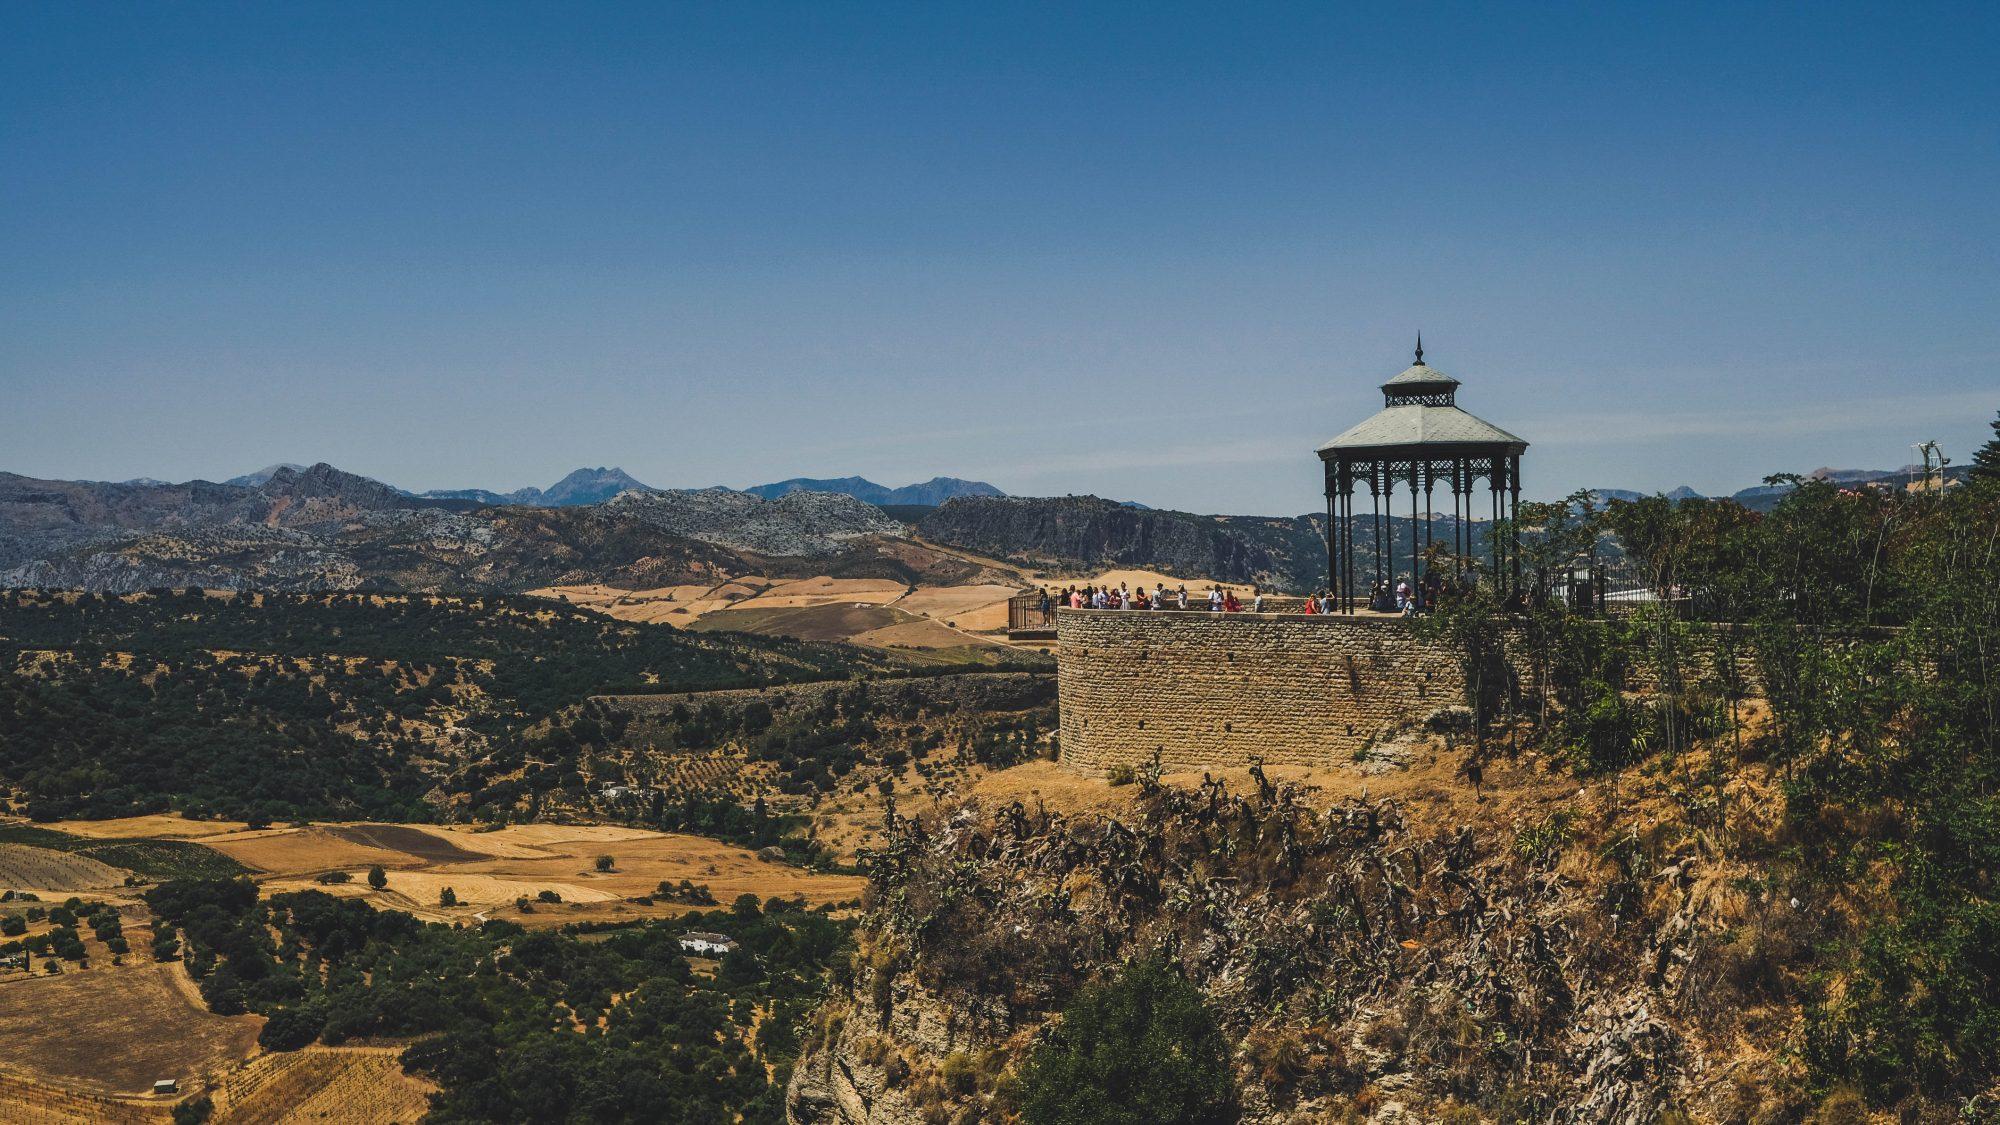 Kioske à musique en vue - Ronda, Espagne